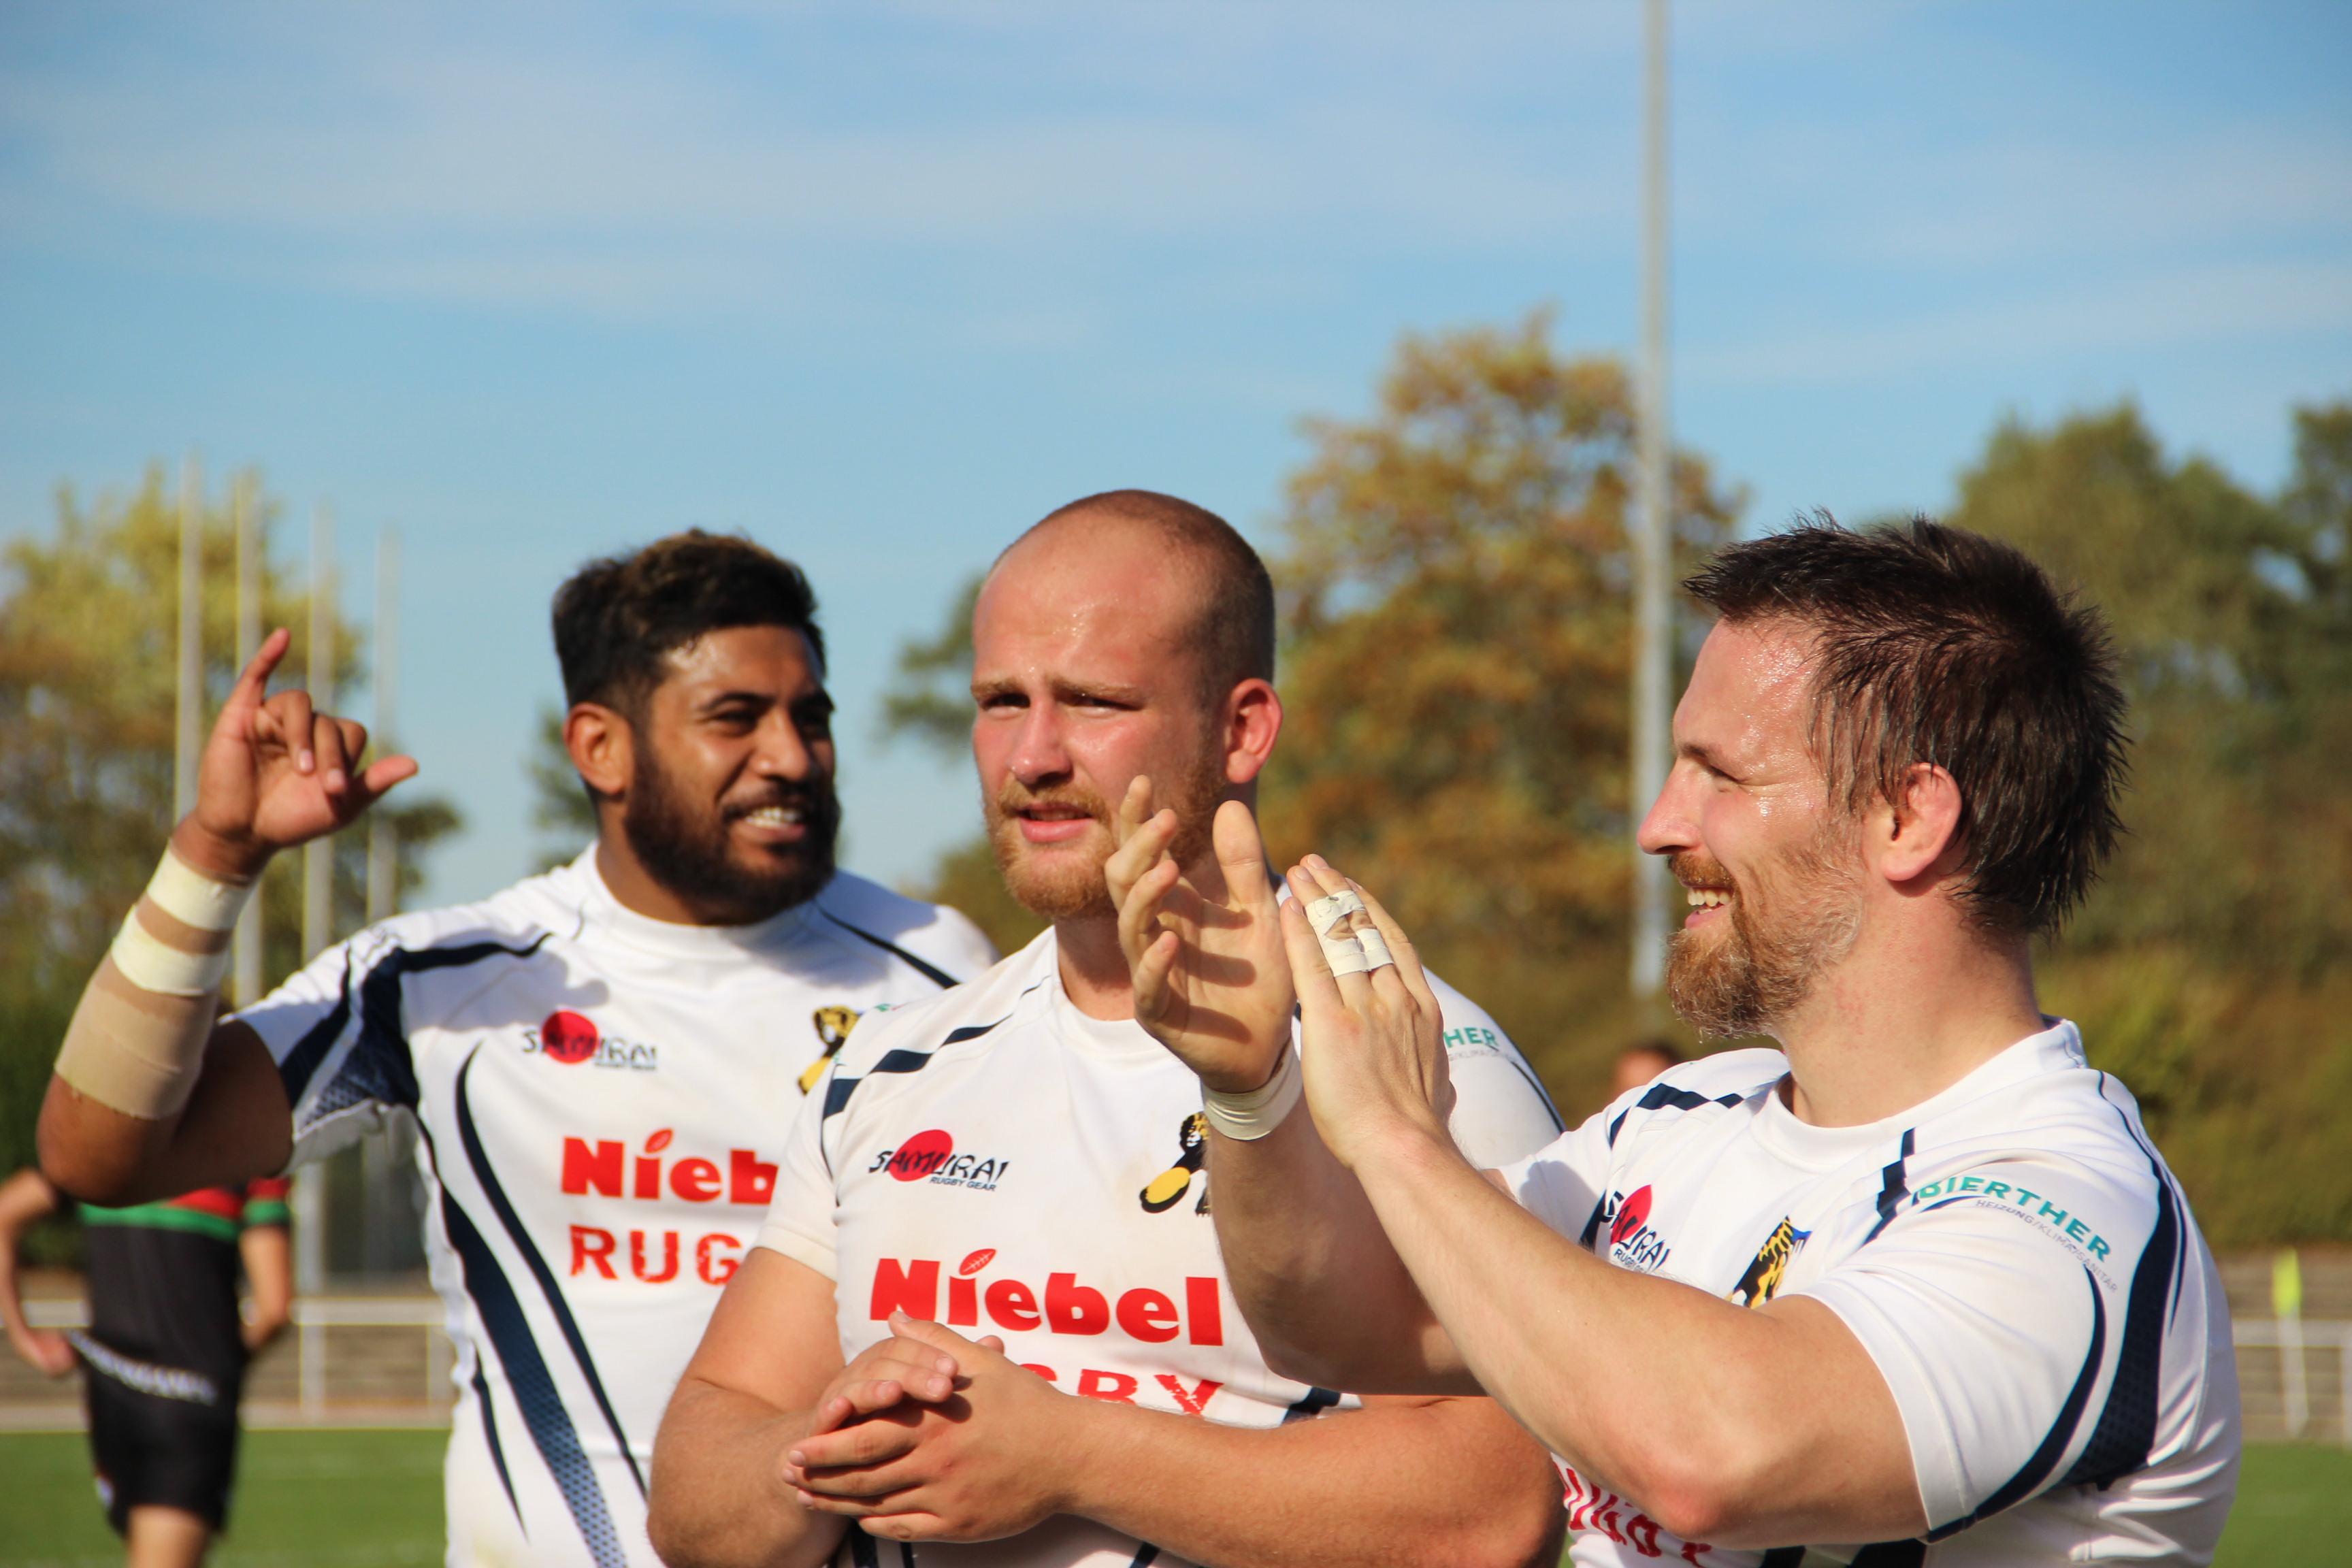 Zufriedene Löwen bedanken sich bei den zahlreich mitgereisten Fans. V.l.n.r.: Atu Katoa, Paul Schüle und Felix Bayer. Foto: Robert Martin.